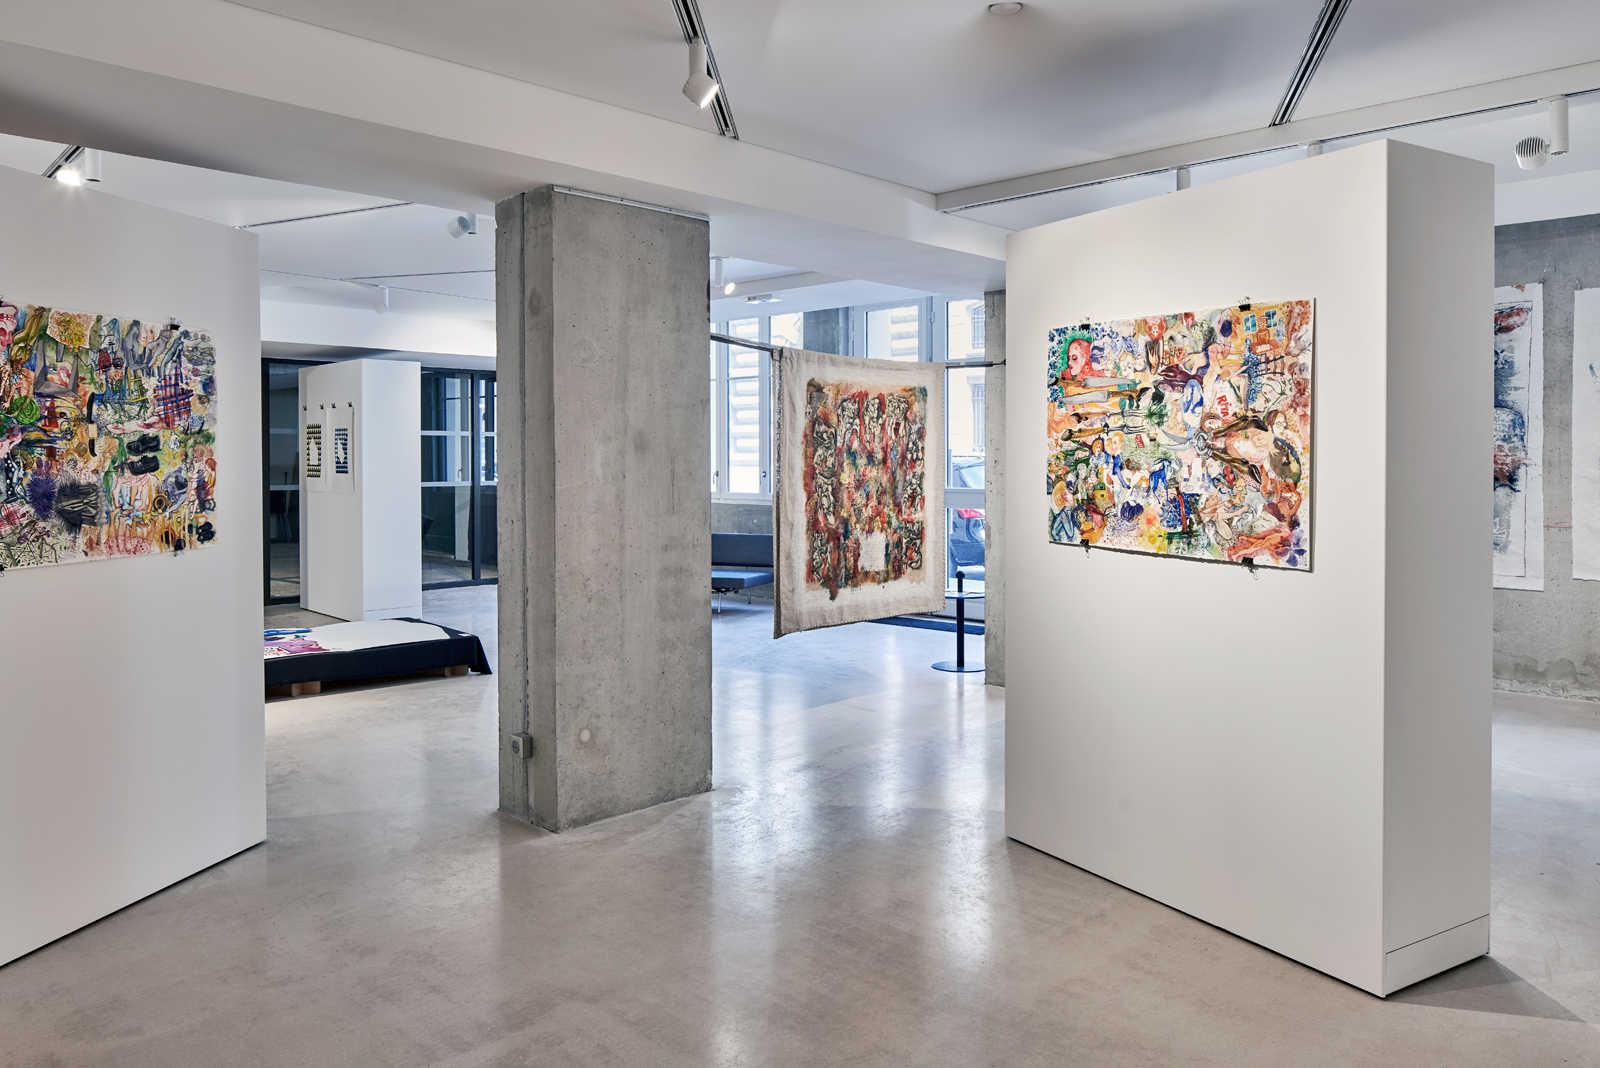 Amenagement galerie d'art avec plafond toile tendue